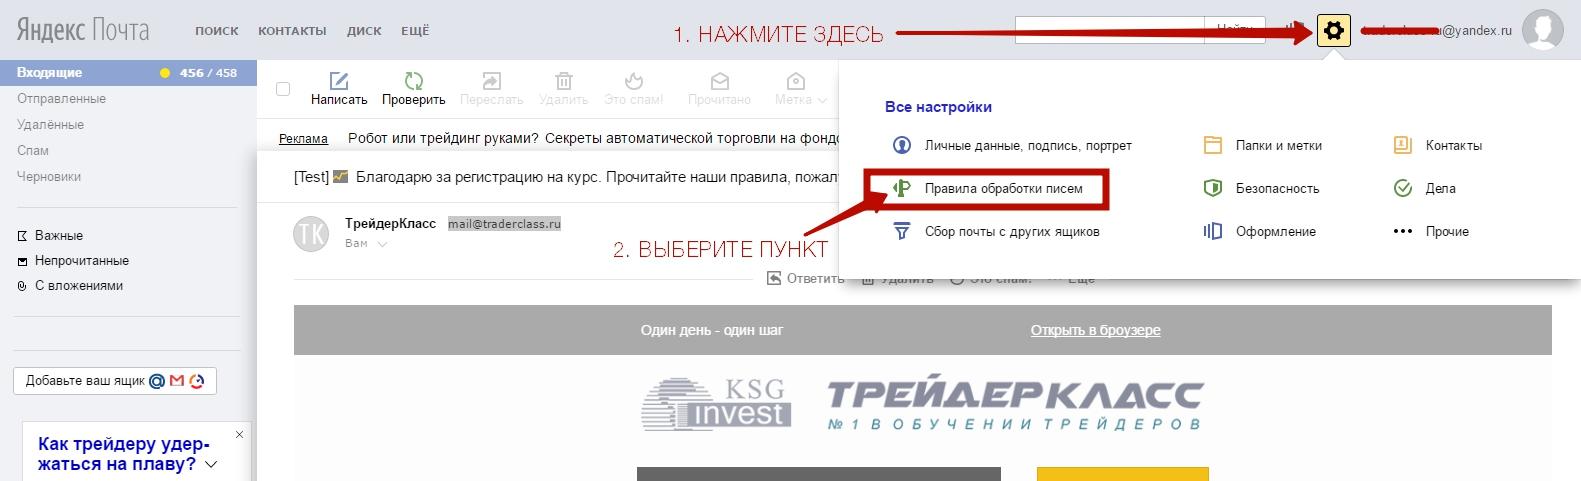 Знакомства По Яндекс Почте